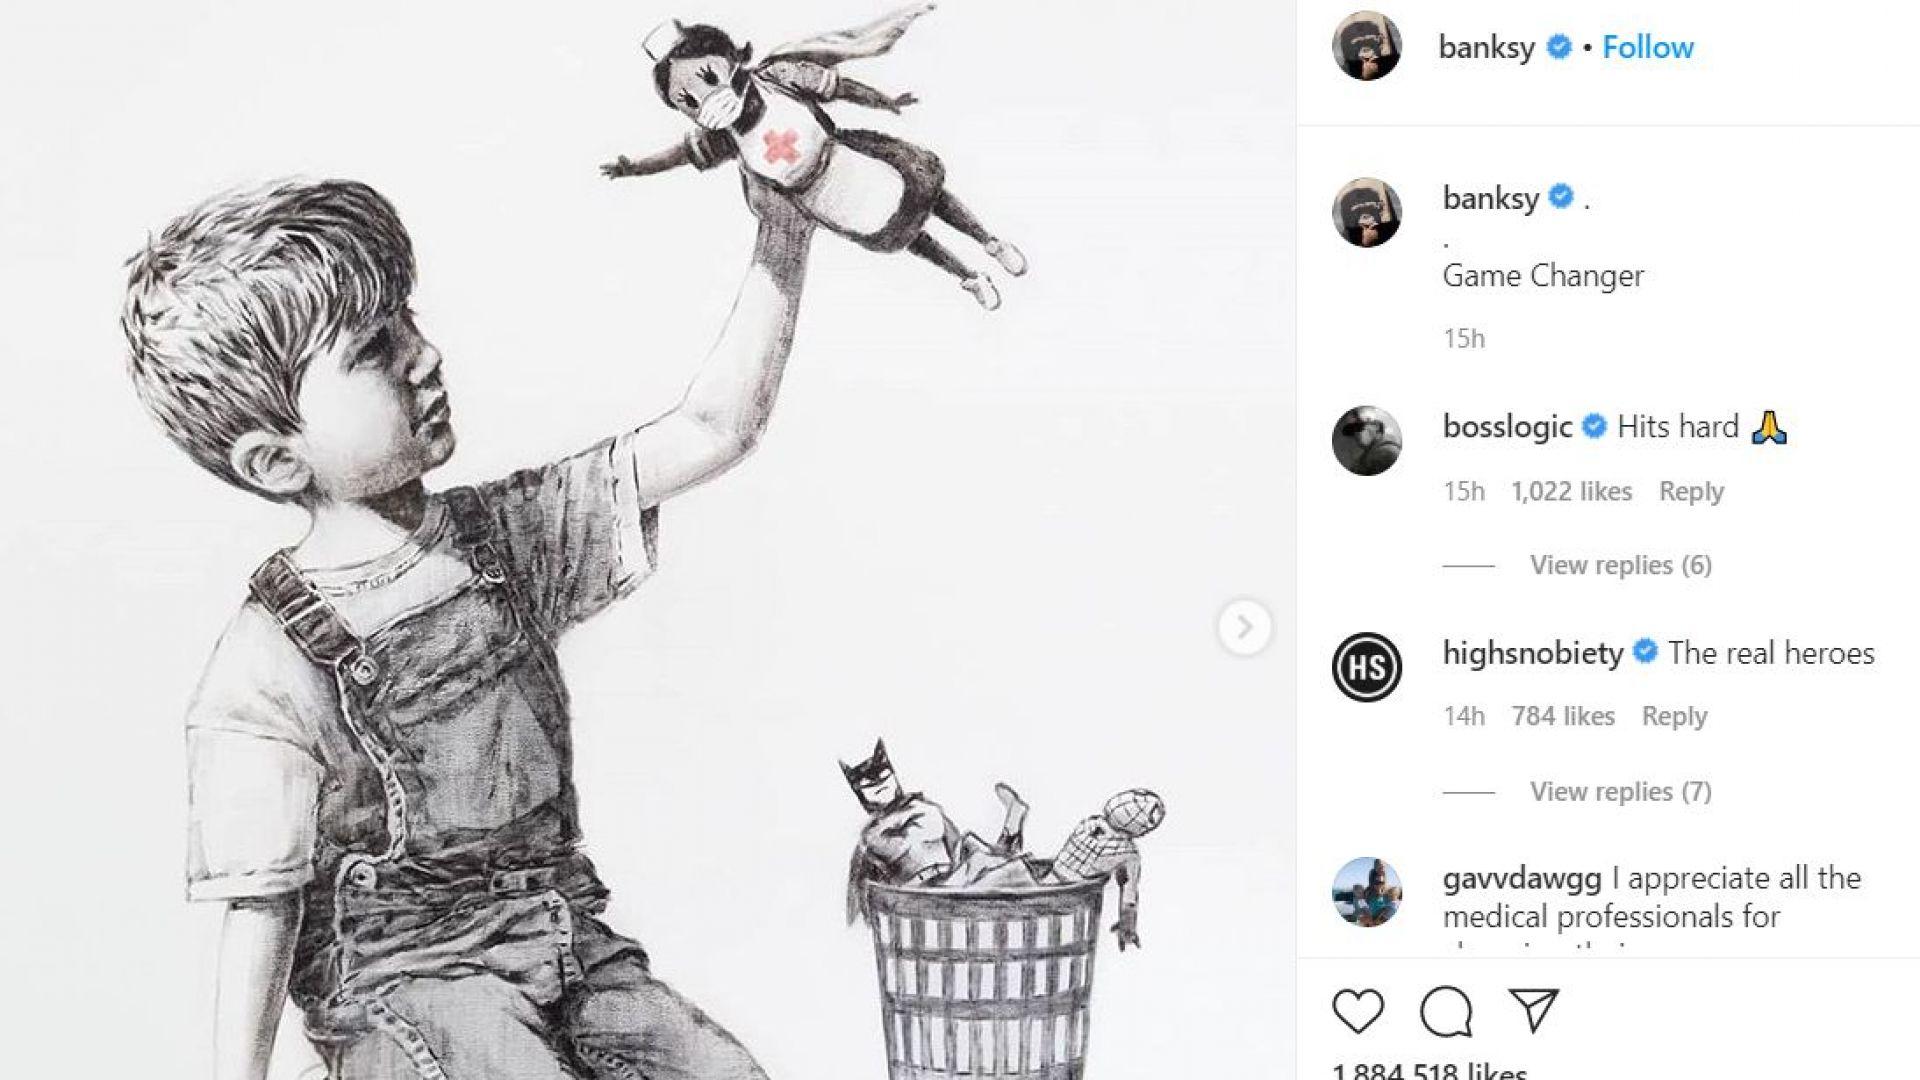 Британският художник Банкси сътвори рисунка, на която е изобразена медицинска